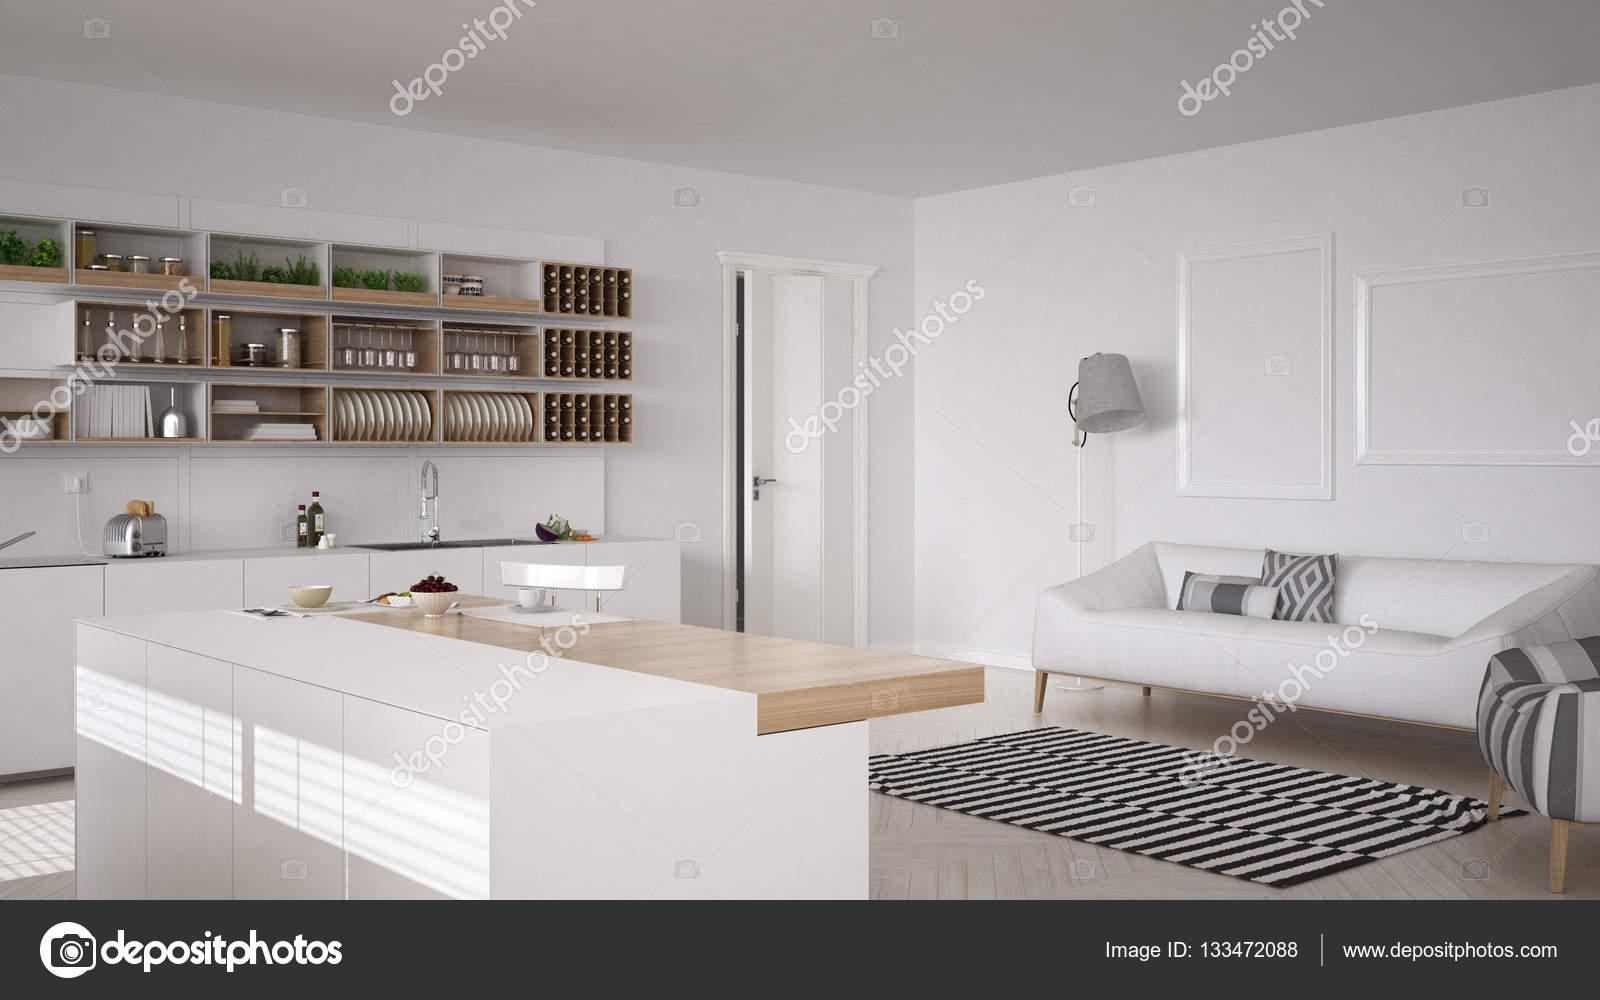 Minimalistisch interieur zithoek renovatie woonkamer door